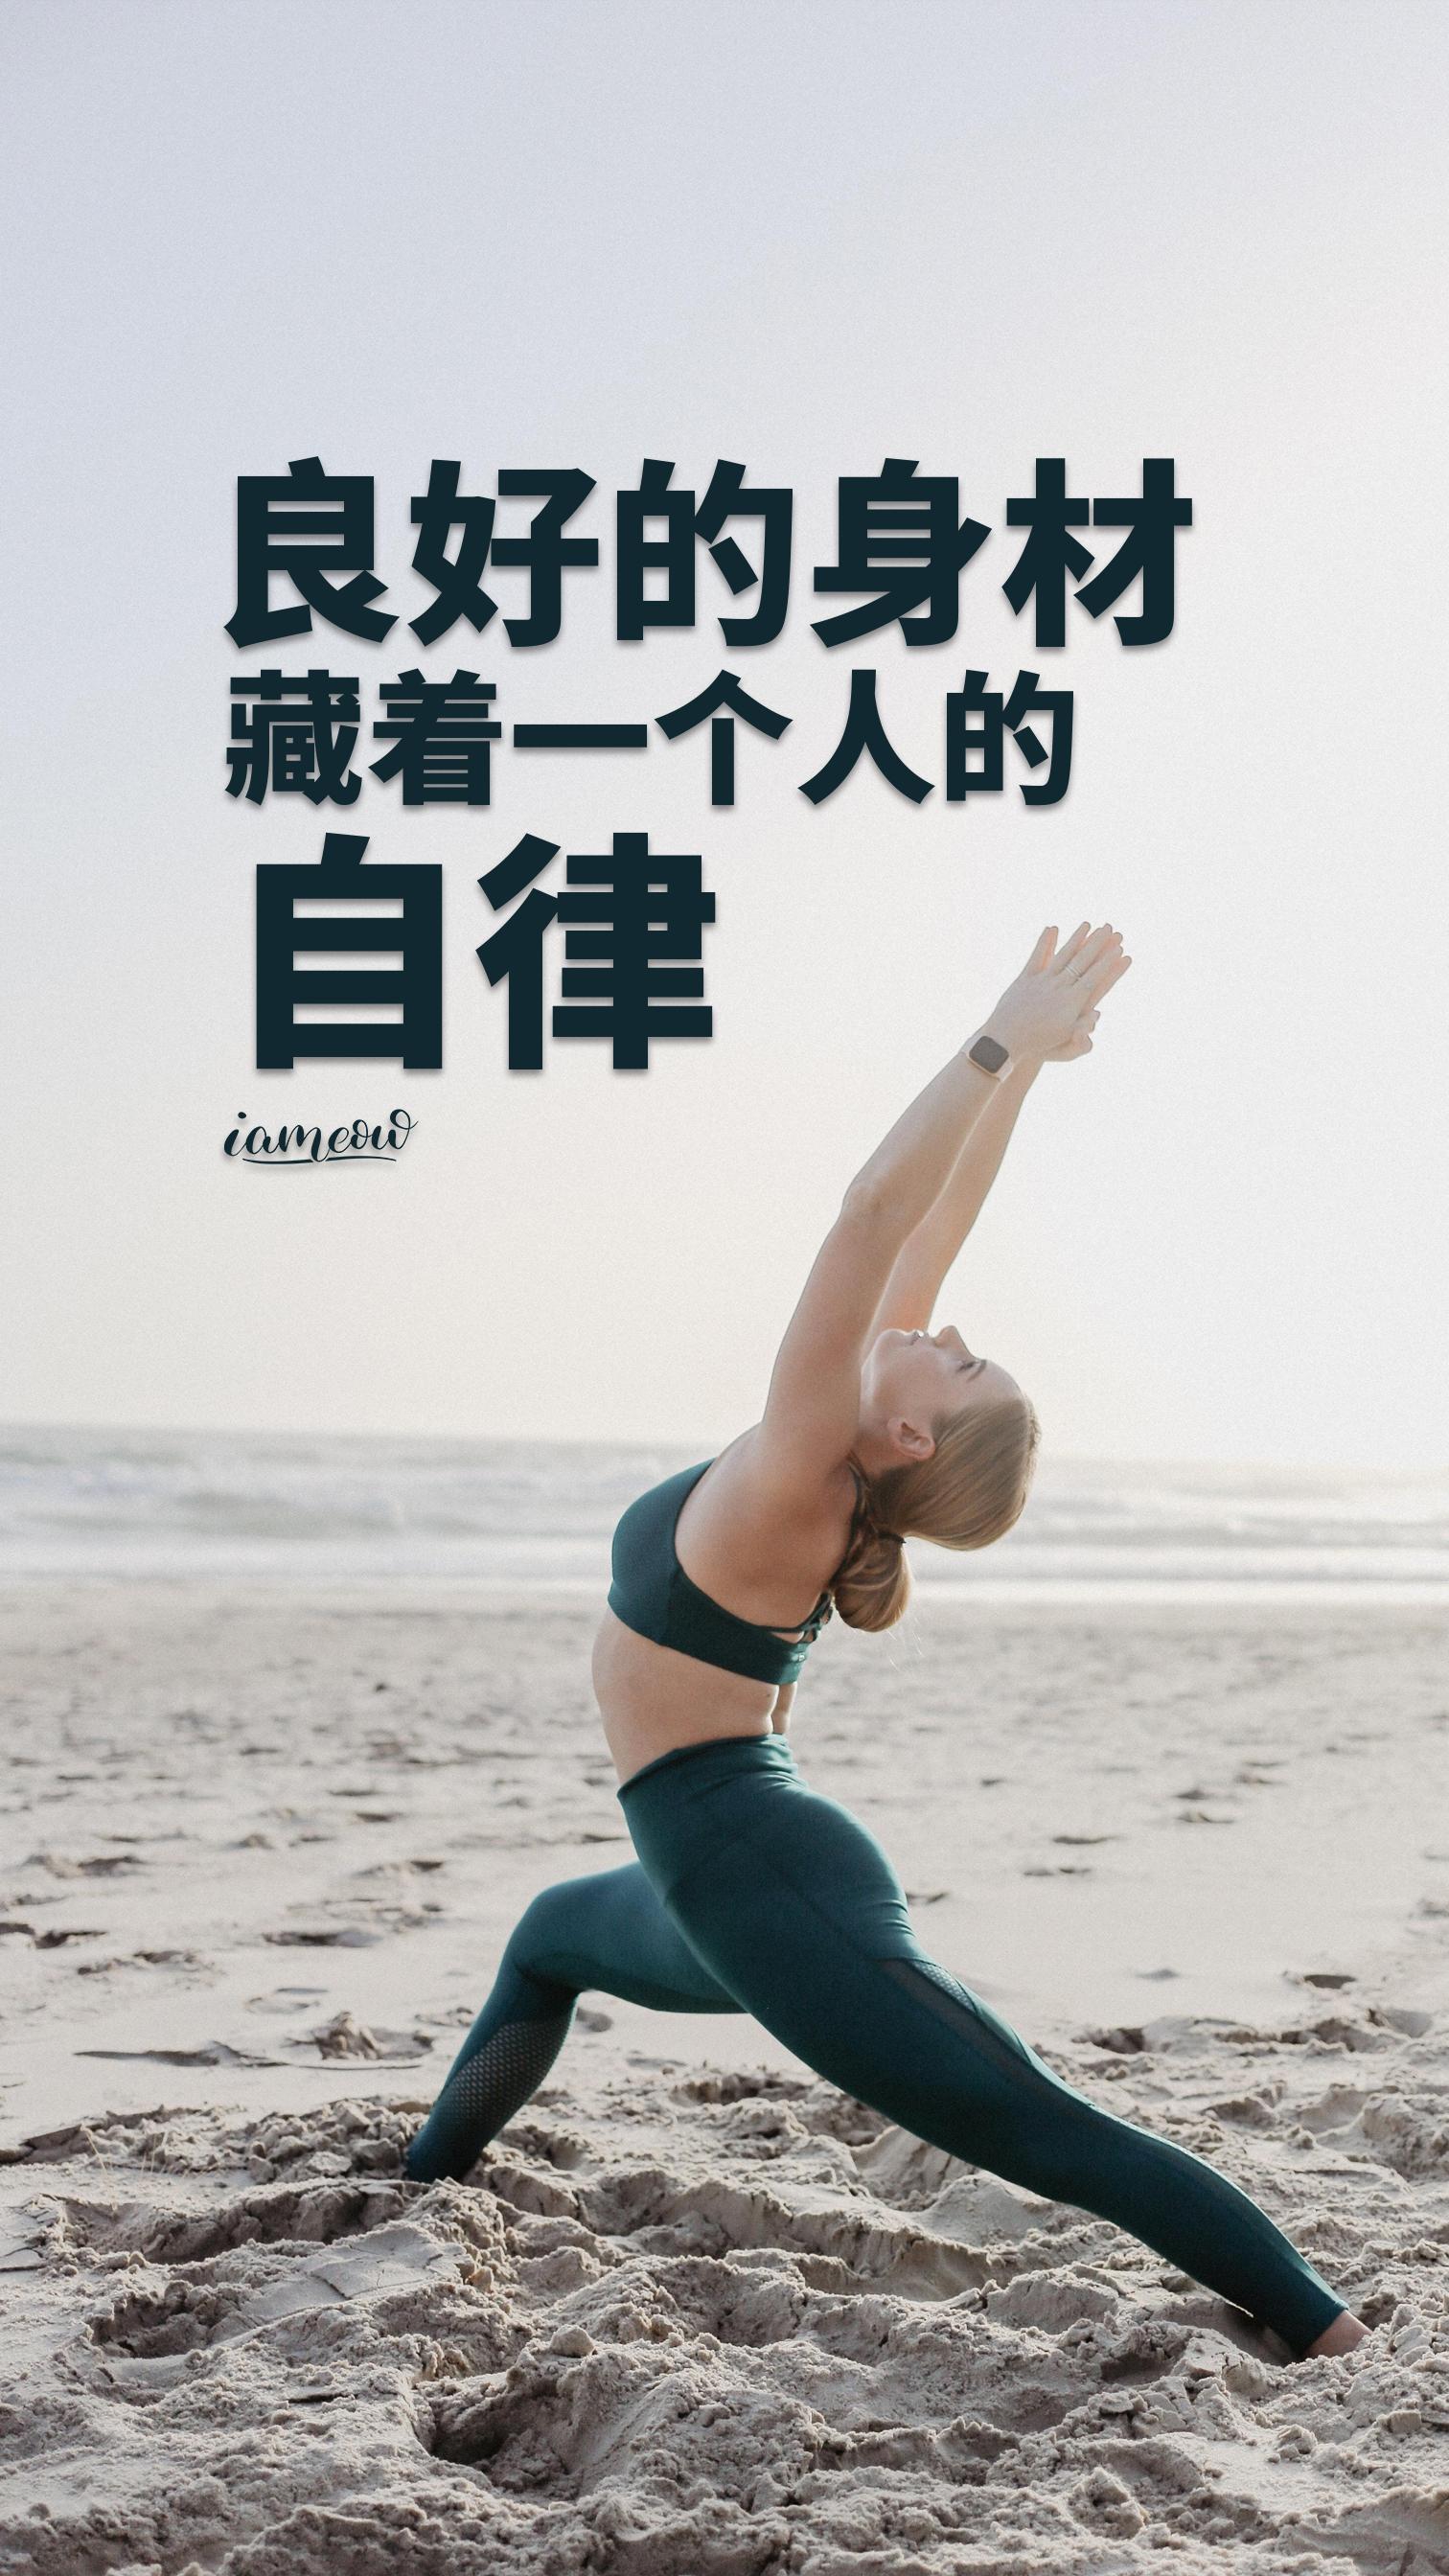 运动健身励志正能量文字图片壁纸,减肥瘦身激励带字图片海报大全